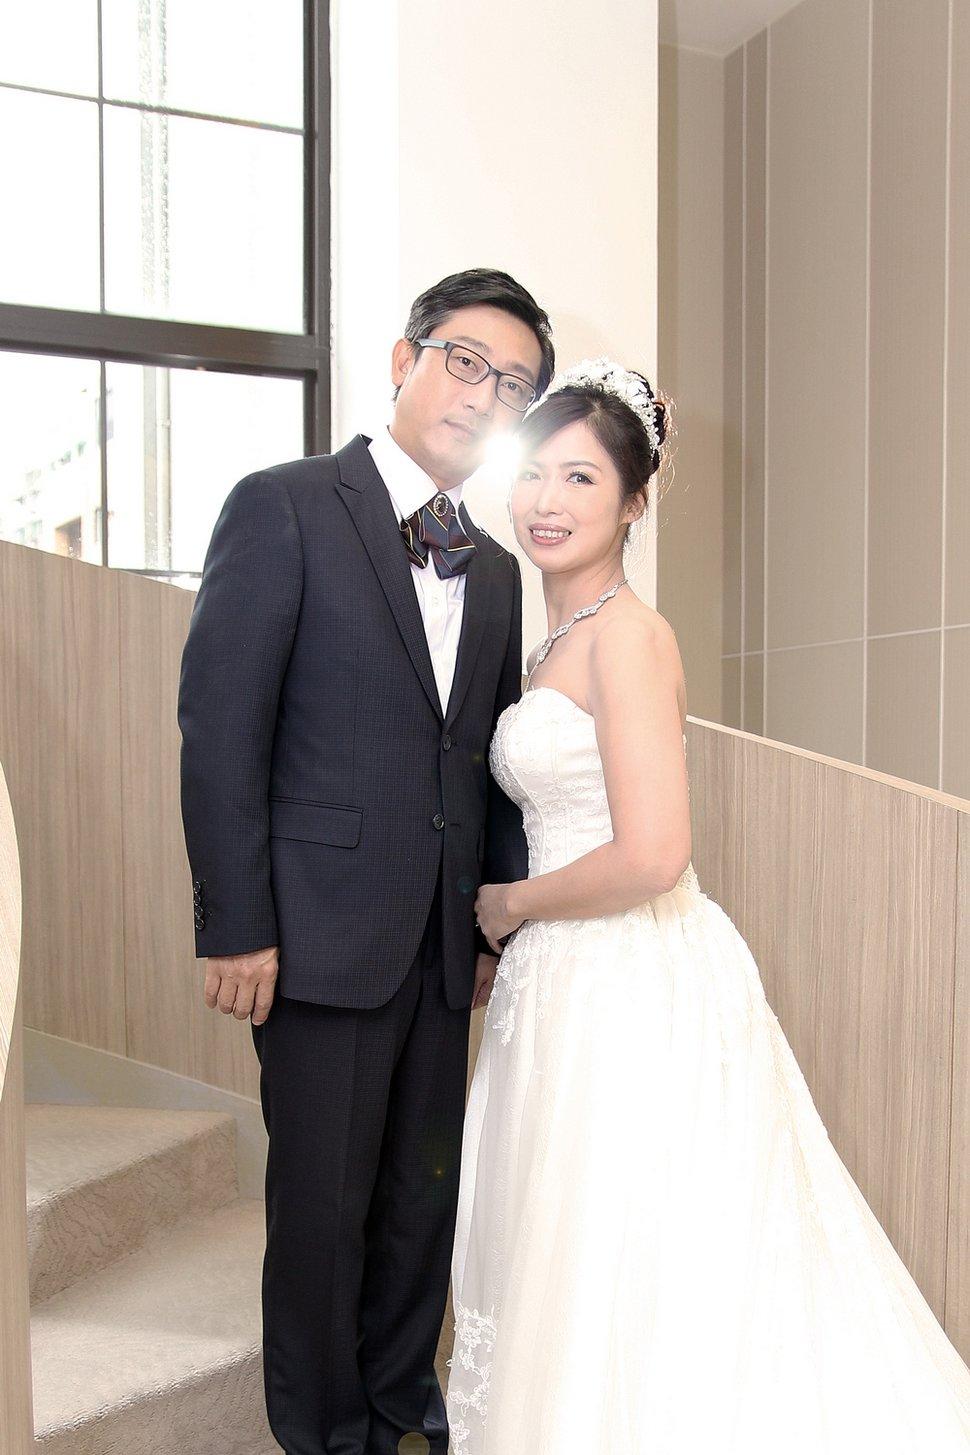 雅鈴&文偉(單午宴)(編號:431250) - 瑞比特婚禮紀錄攝影 - 結婚吧